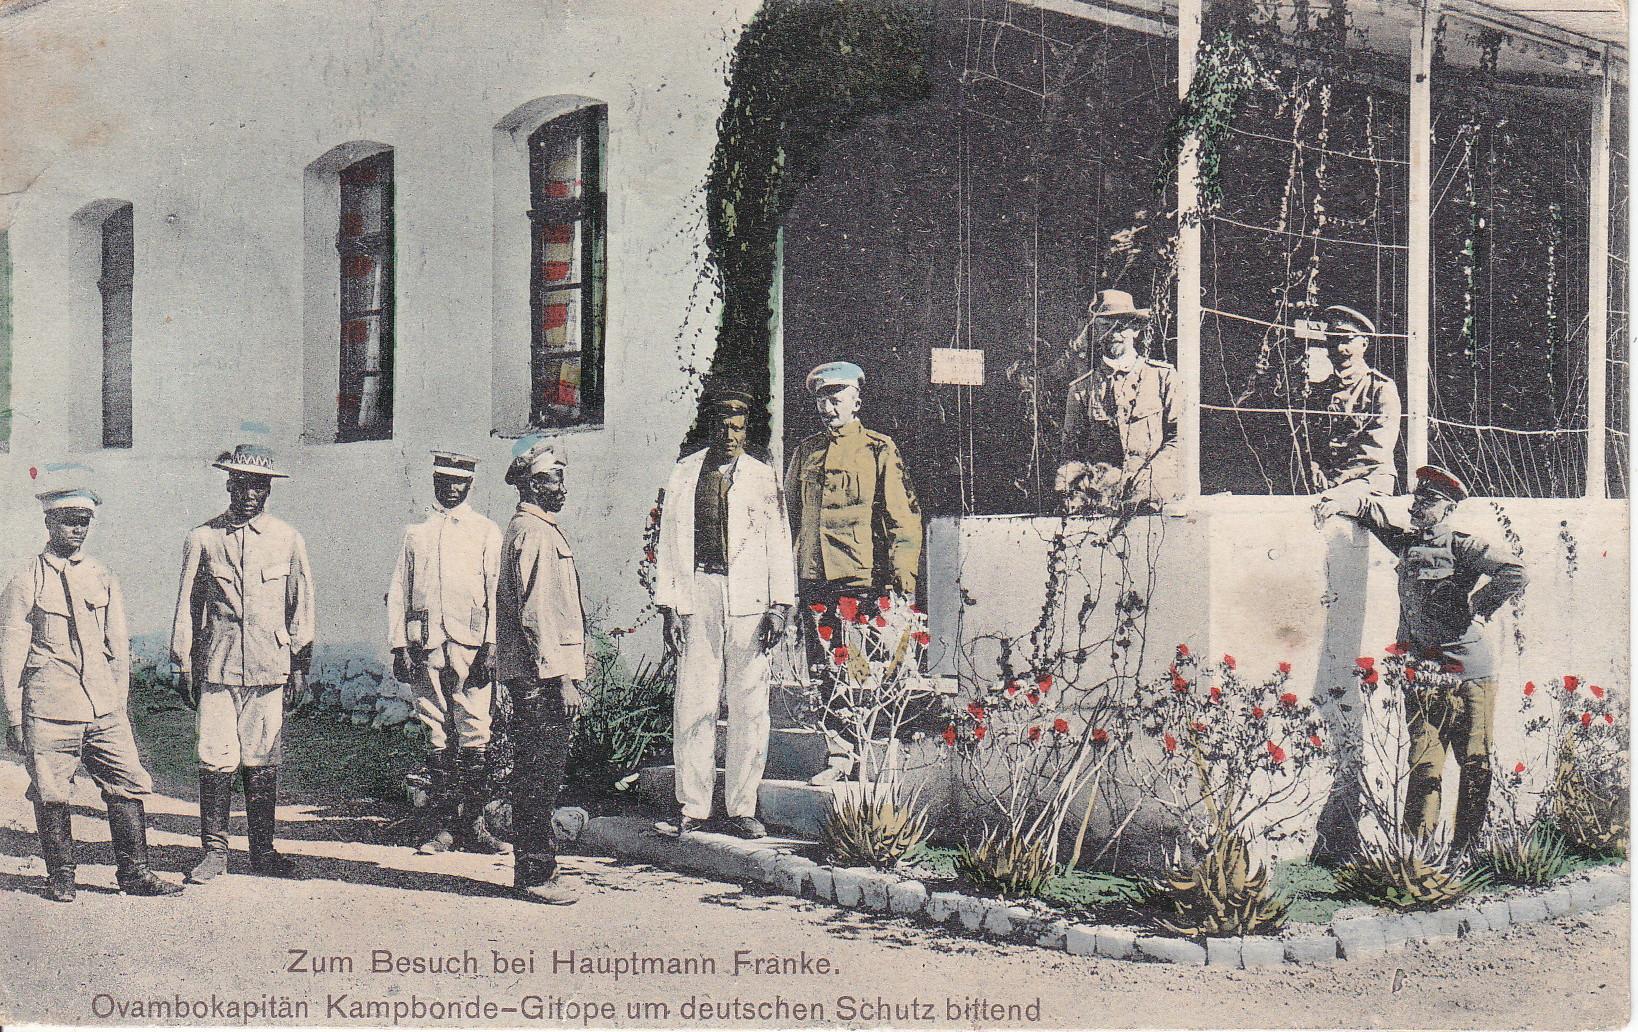 Hauptmann Franke, Ovambokapitän Kampbonde-Gitope